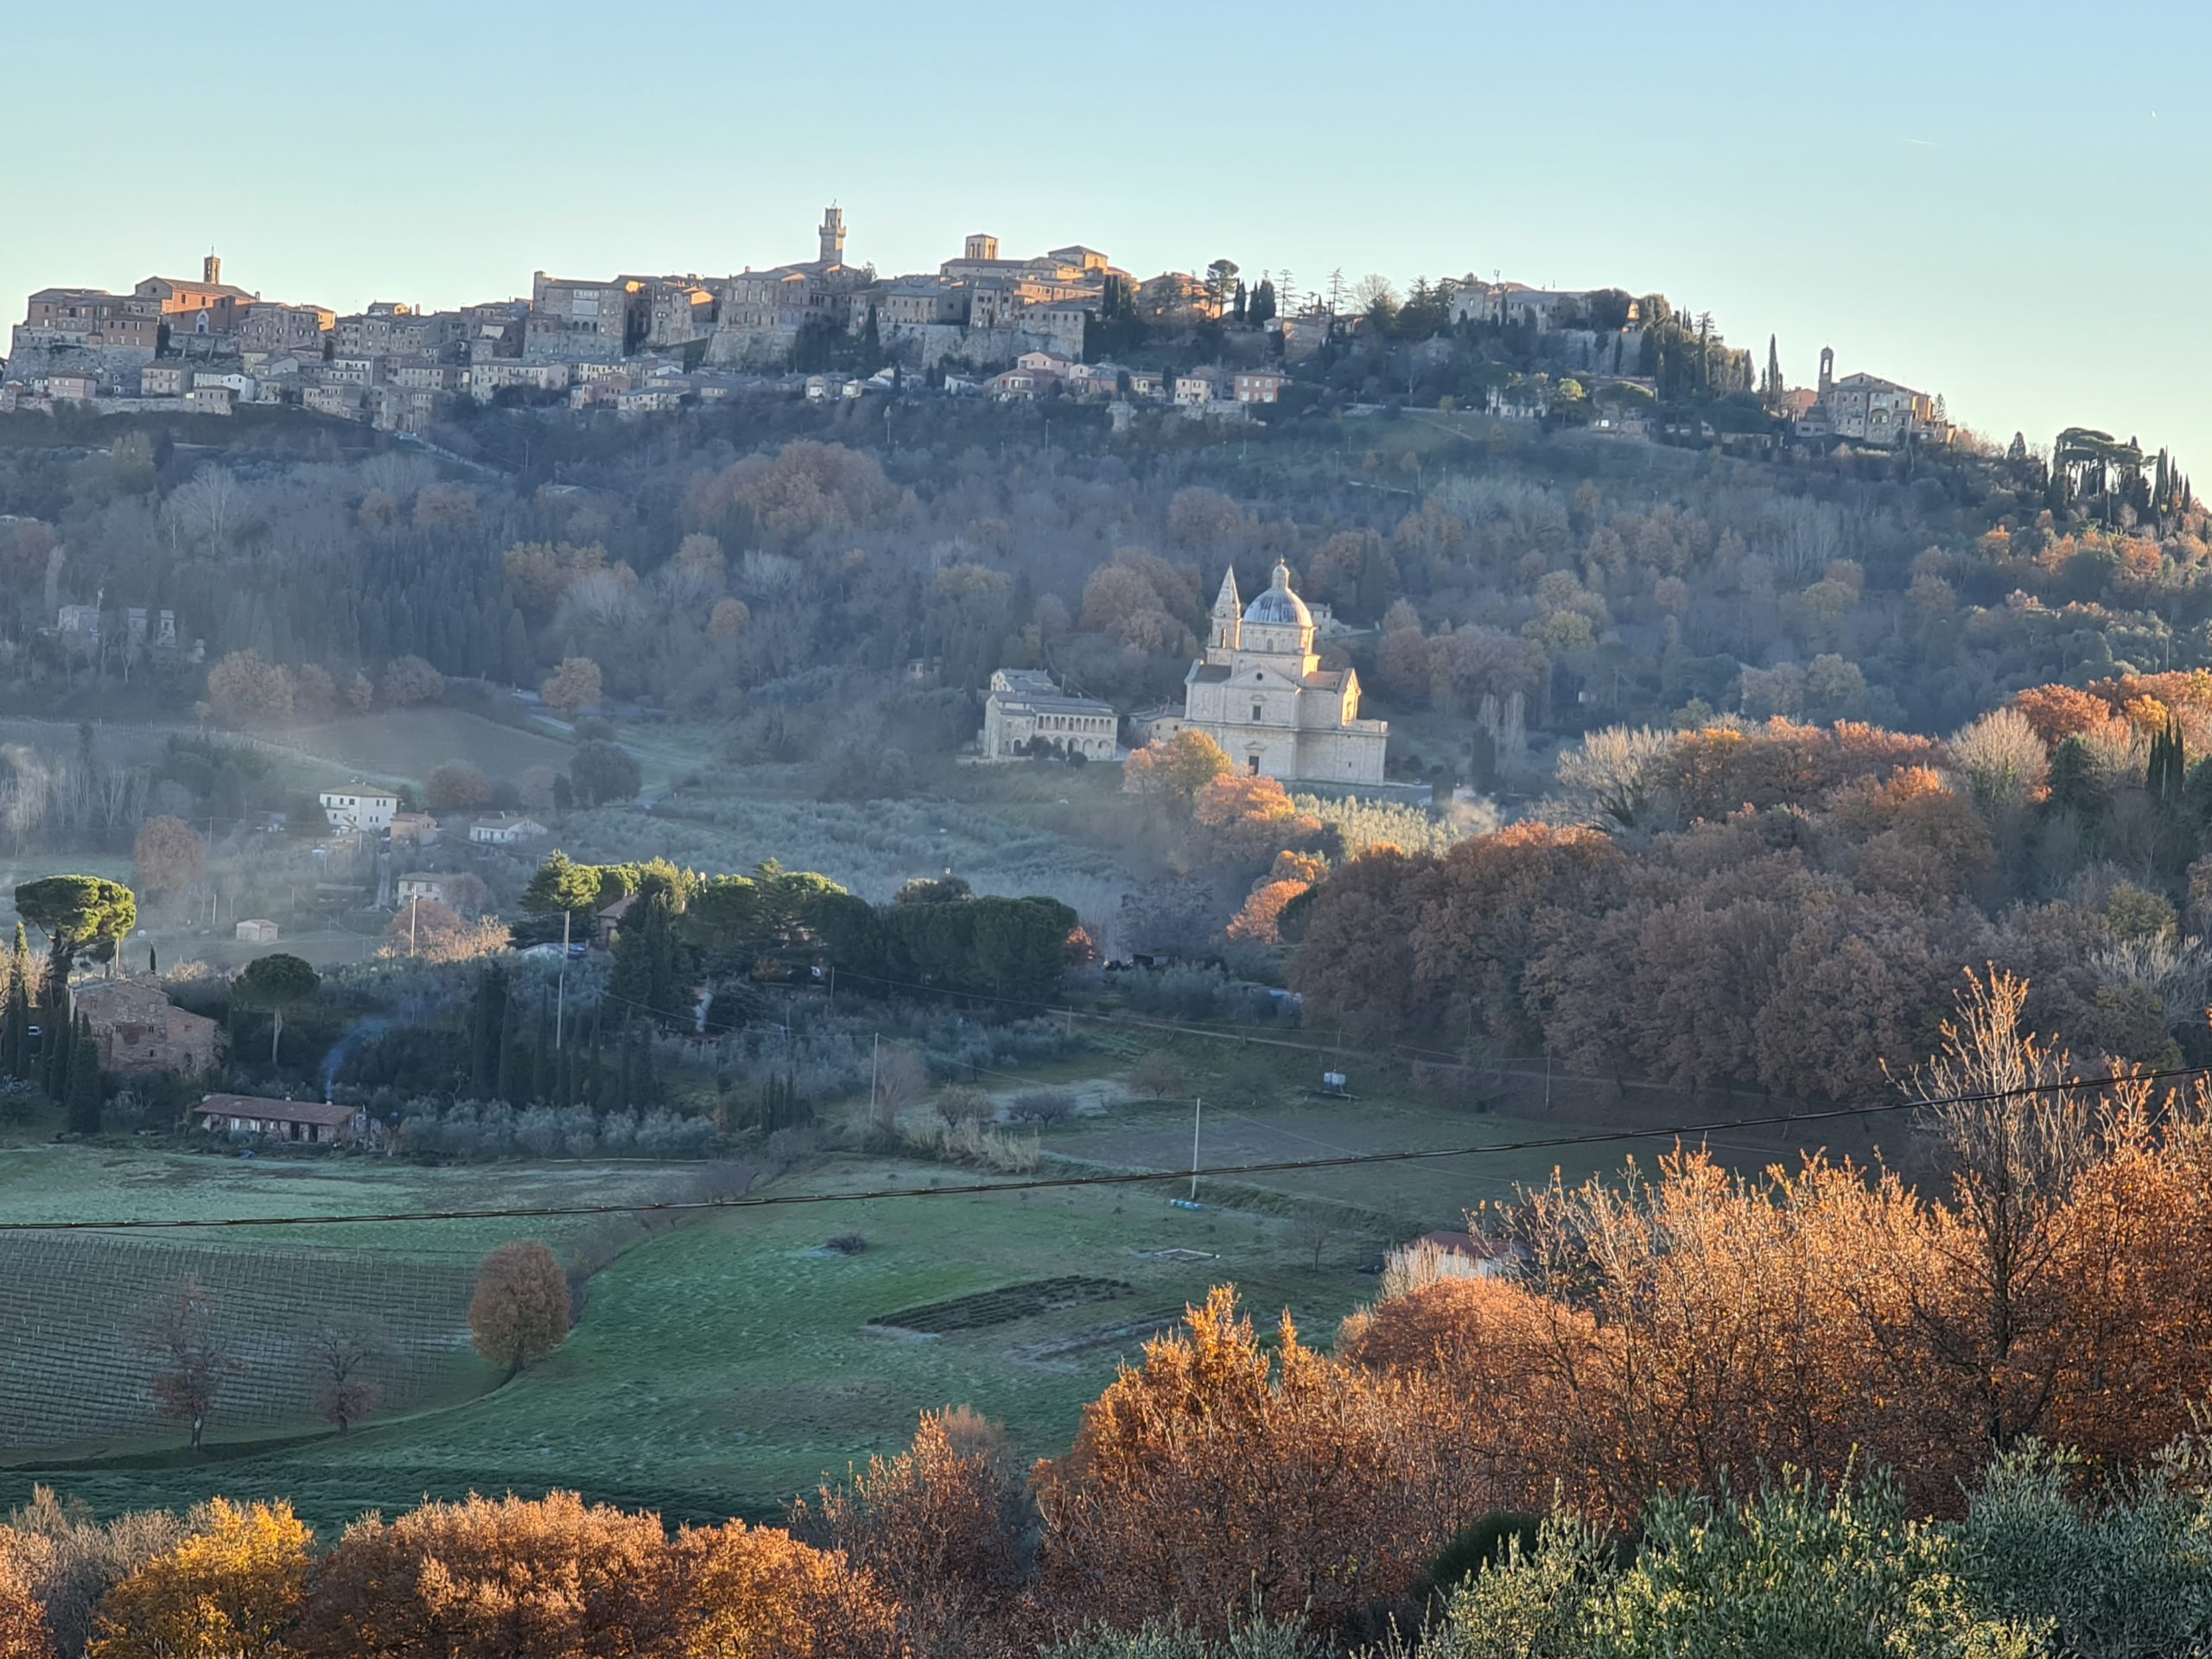 Le colline di Pienza e Montepulciano riconosciute Paesaggio Storico